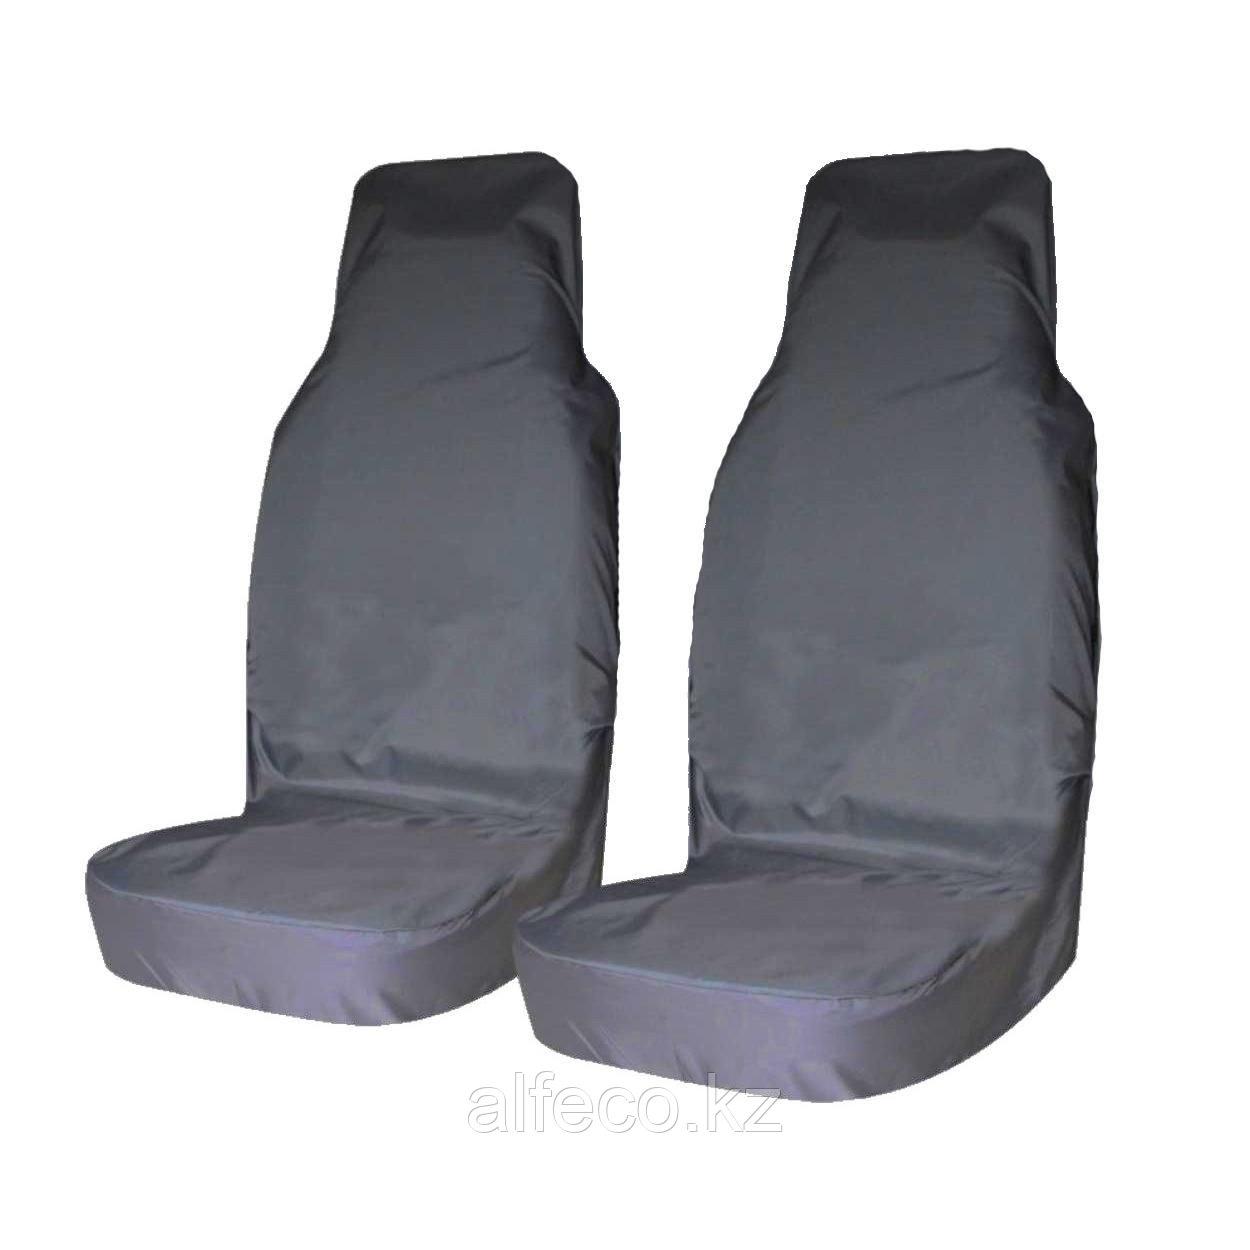 Комплект грязезащитных чехлов на передние сиденья 2 шт. (синие)